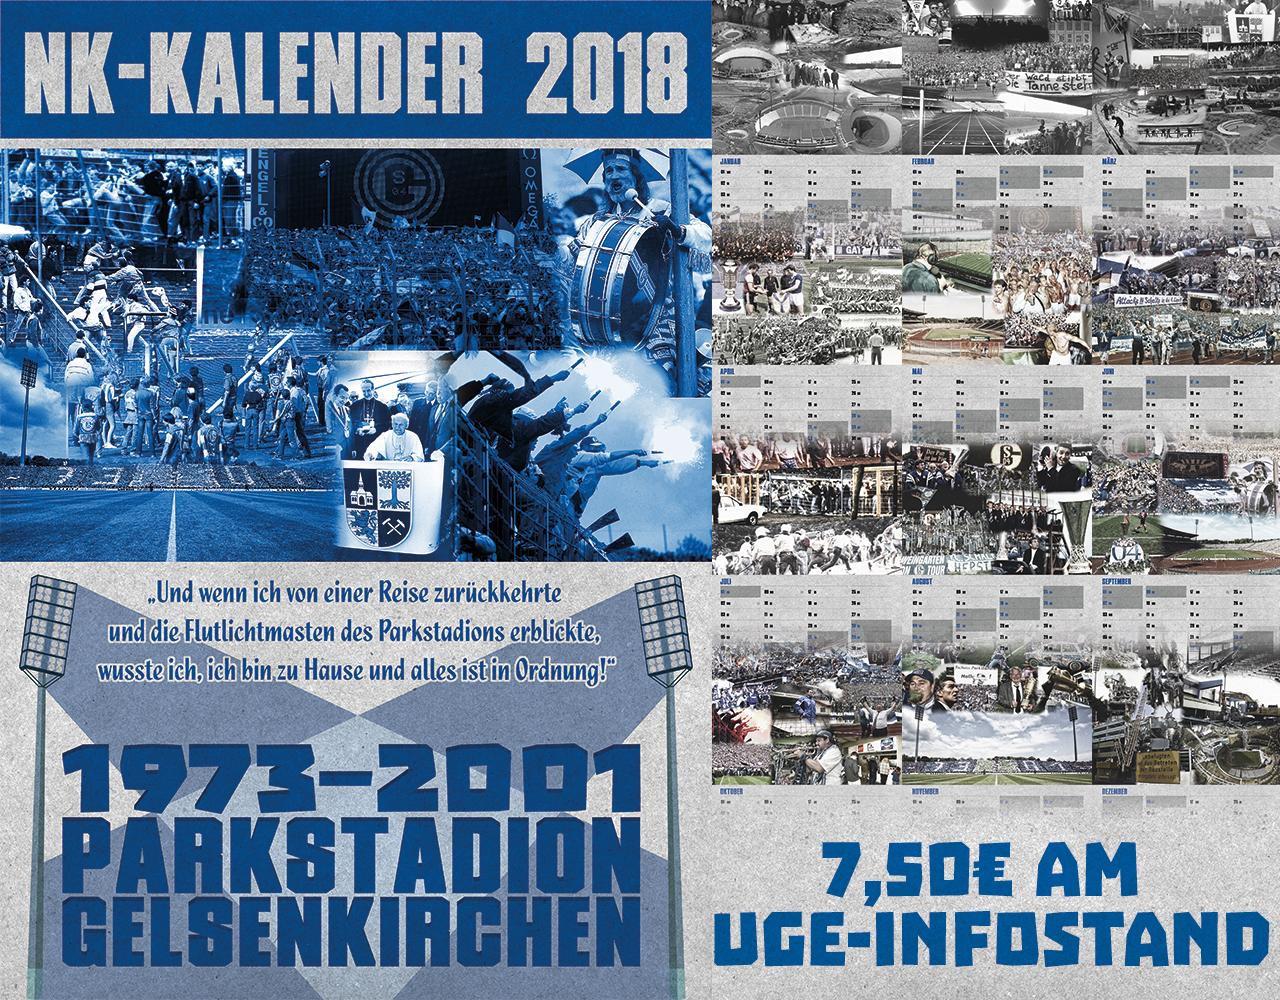 NK_Kalneder_2018